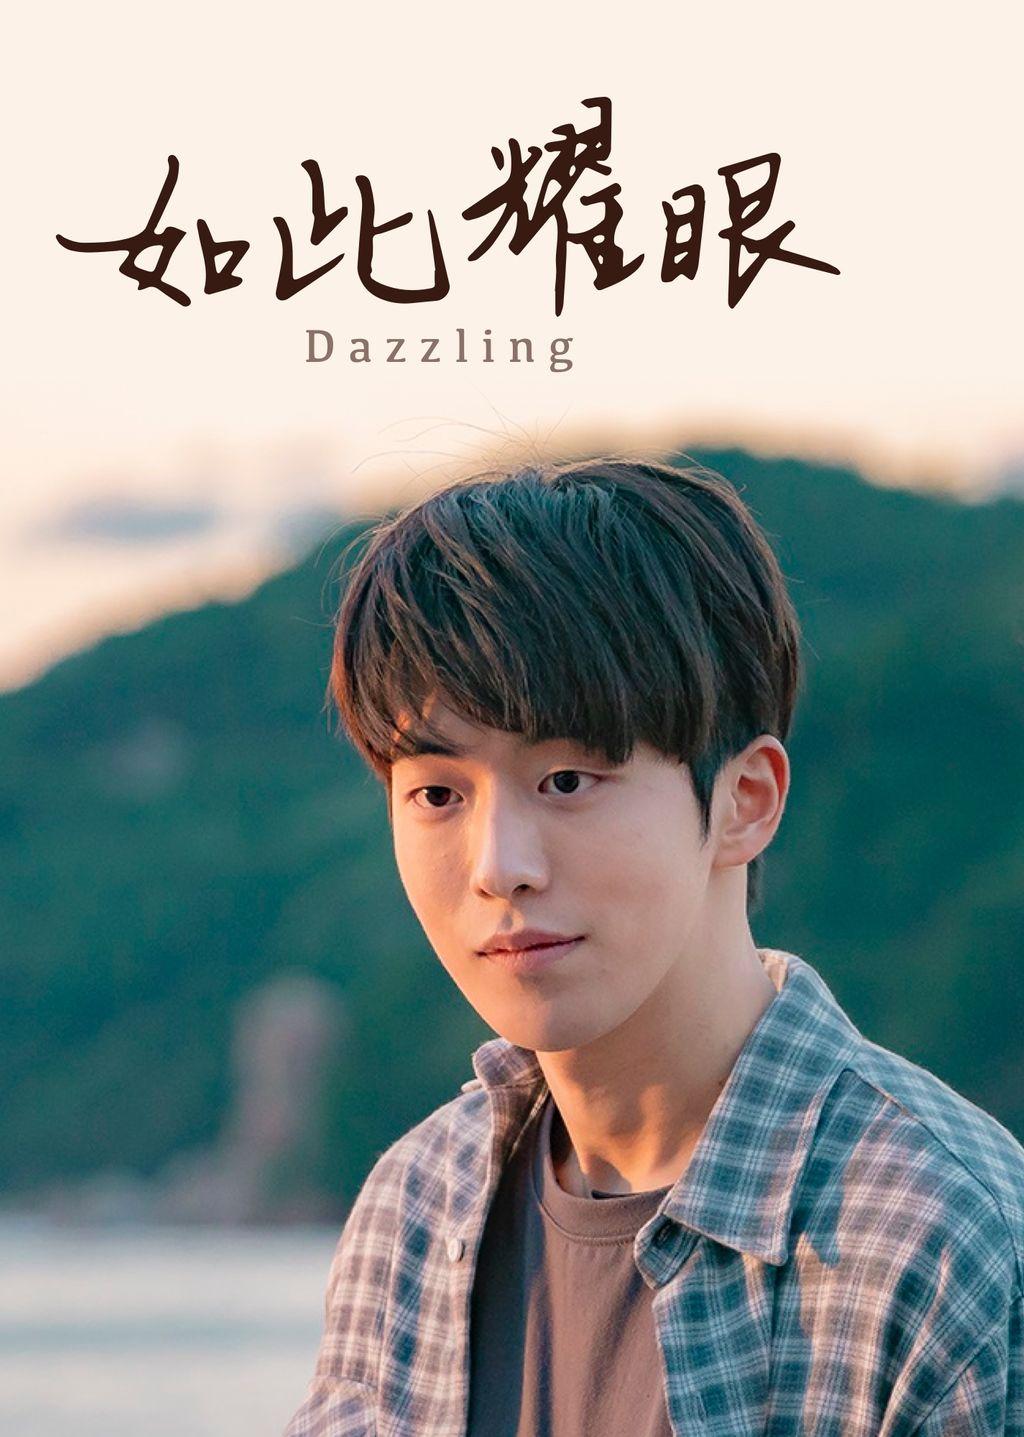 如此耀眼第1集|免費線上看|韓劇|LINE TV-精彩隨看